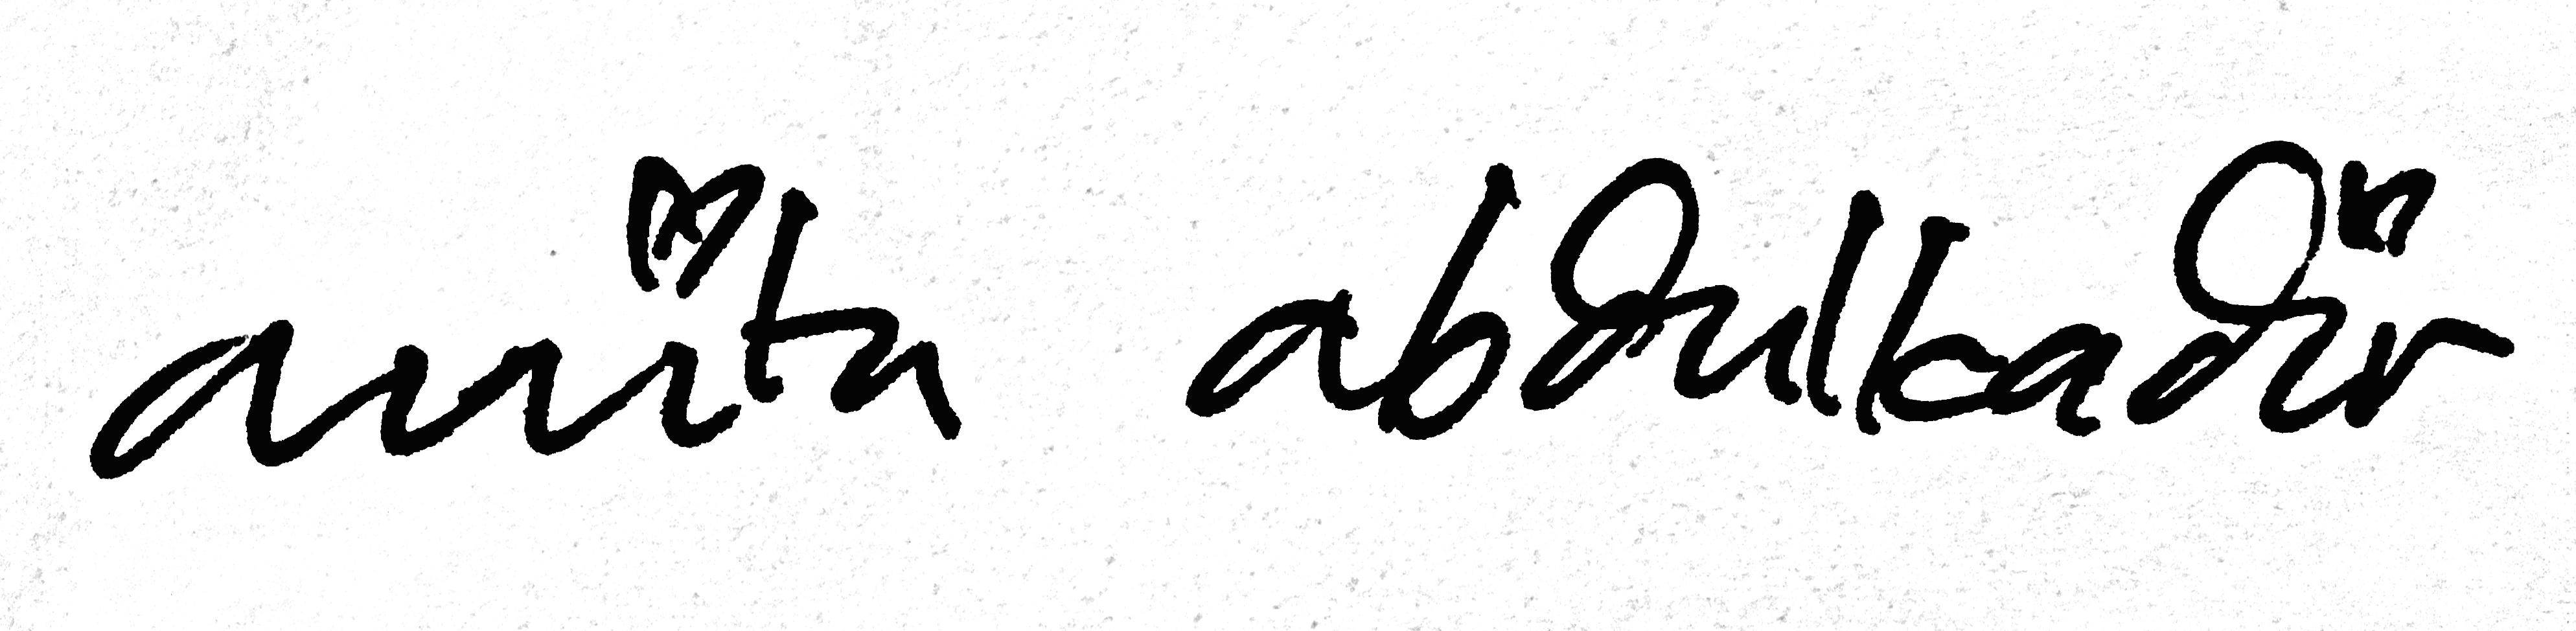 Anita Abdulkadir Signature